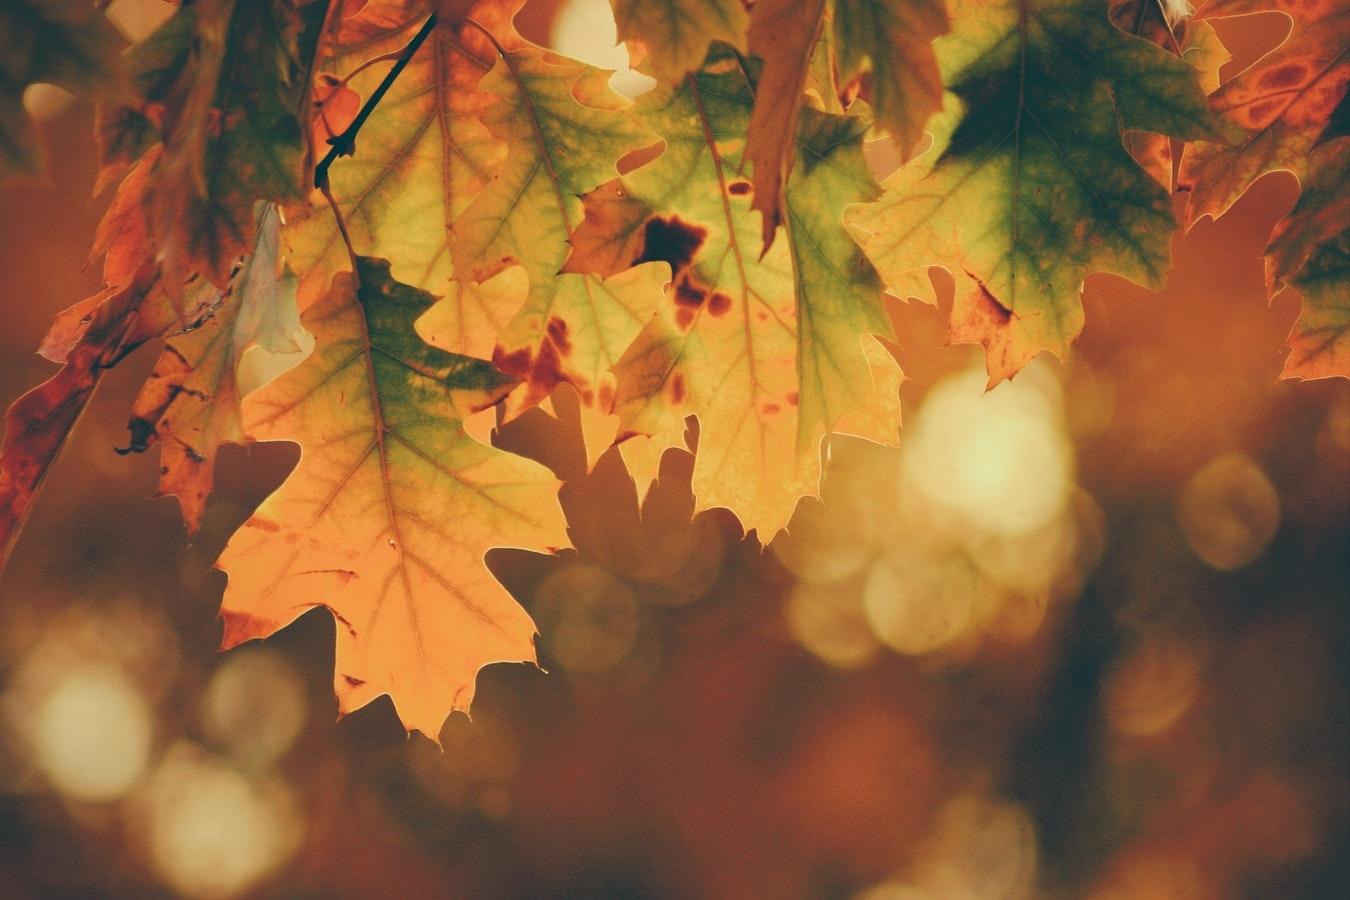 そろそろ秋が近づいてきます